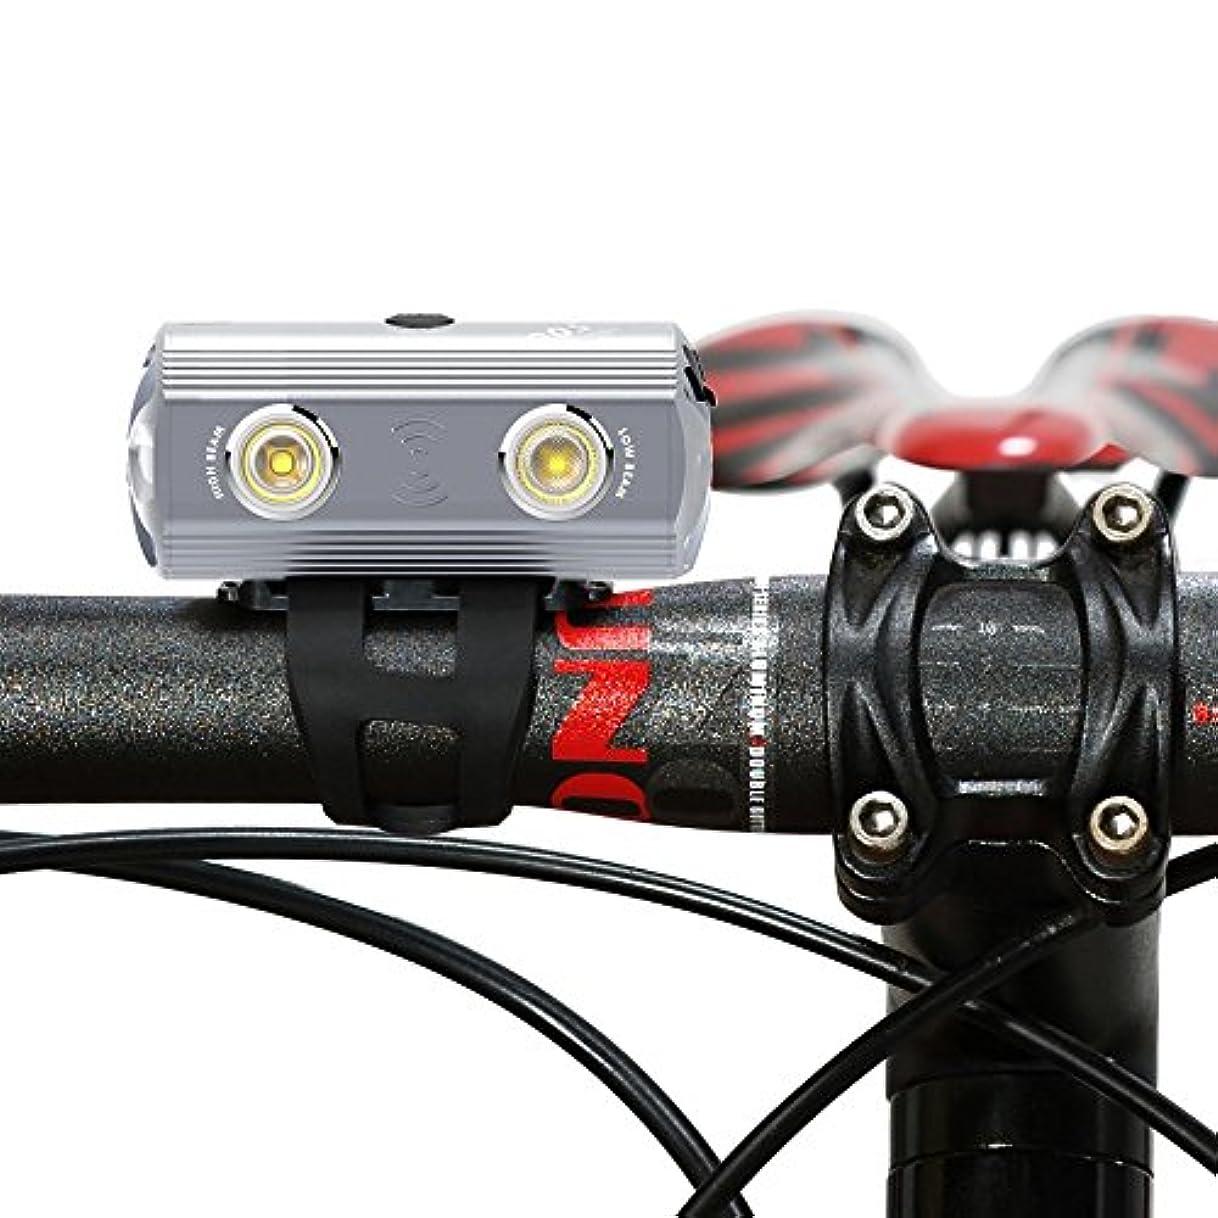 バン分一般的に言えばVOLO URBANEON 500 USB充電式アルミ合金自転車のライト、450ルーメン自転車ヘッドライト、マウンテンバイク用、ロードサイクリング用